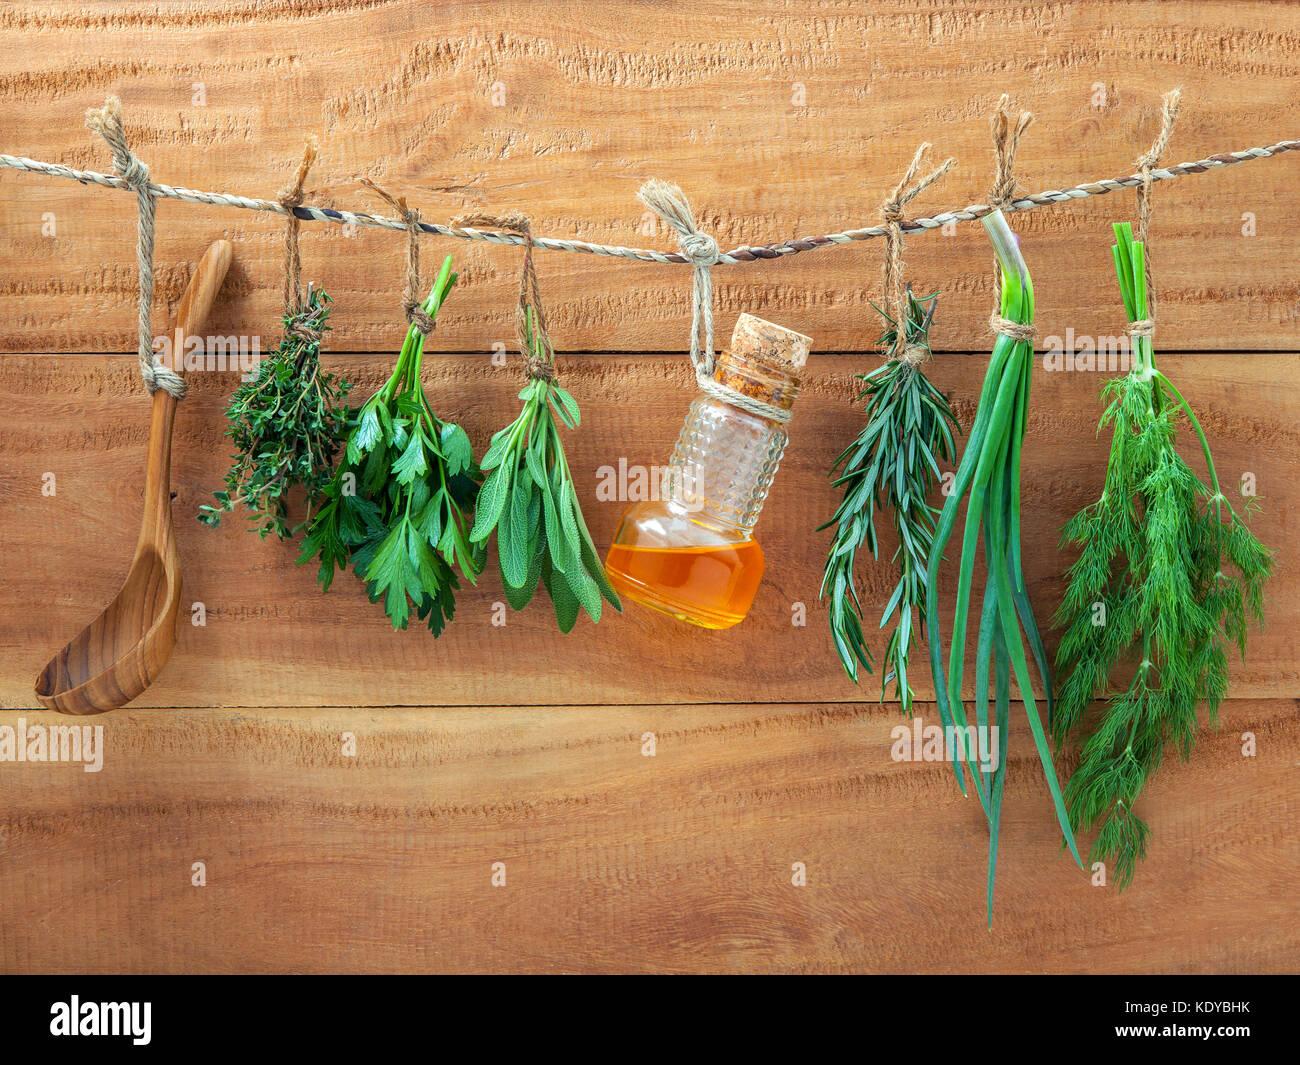 Plusieurs herbes accroché sur fond de bois minable. le persil, sauge, romarin, fenouil, l'échalote, Photo Stock